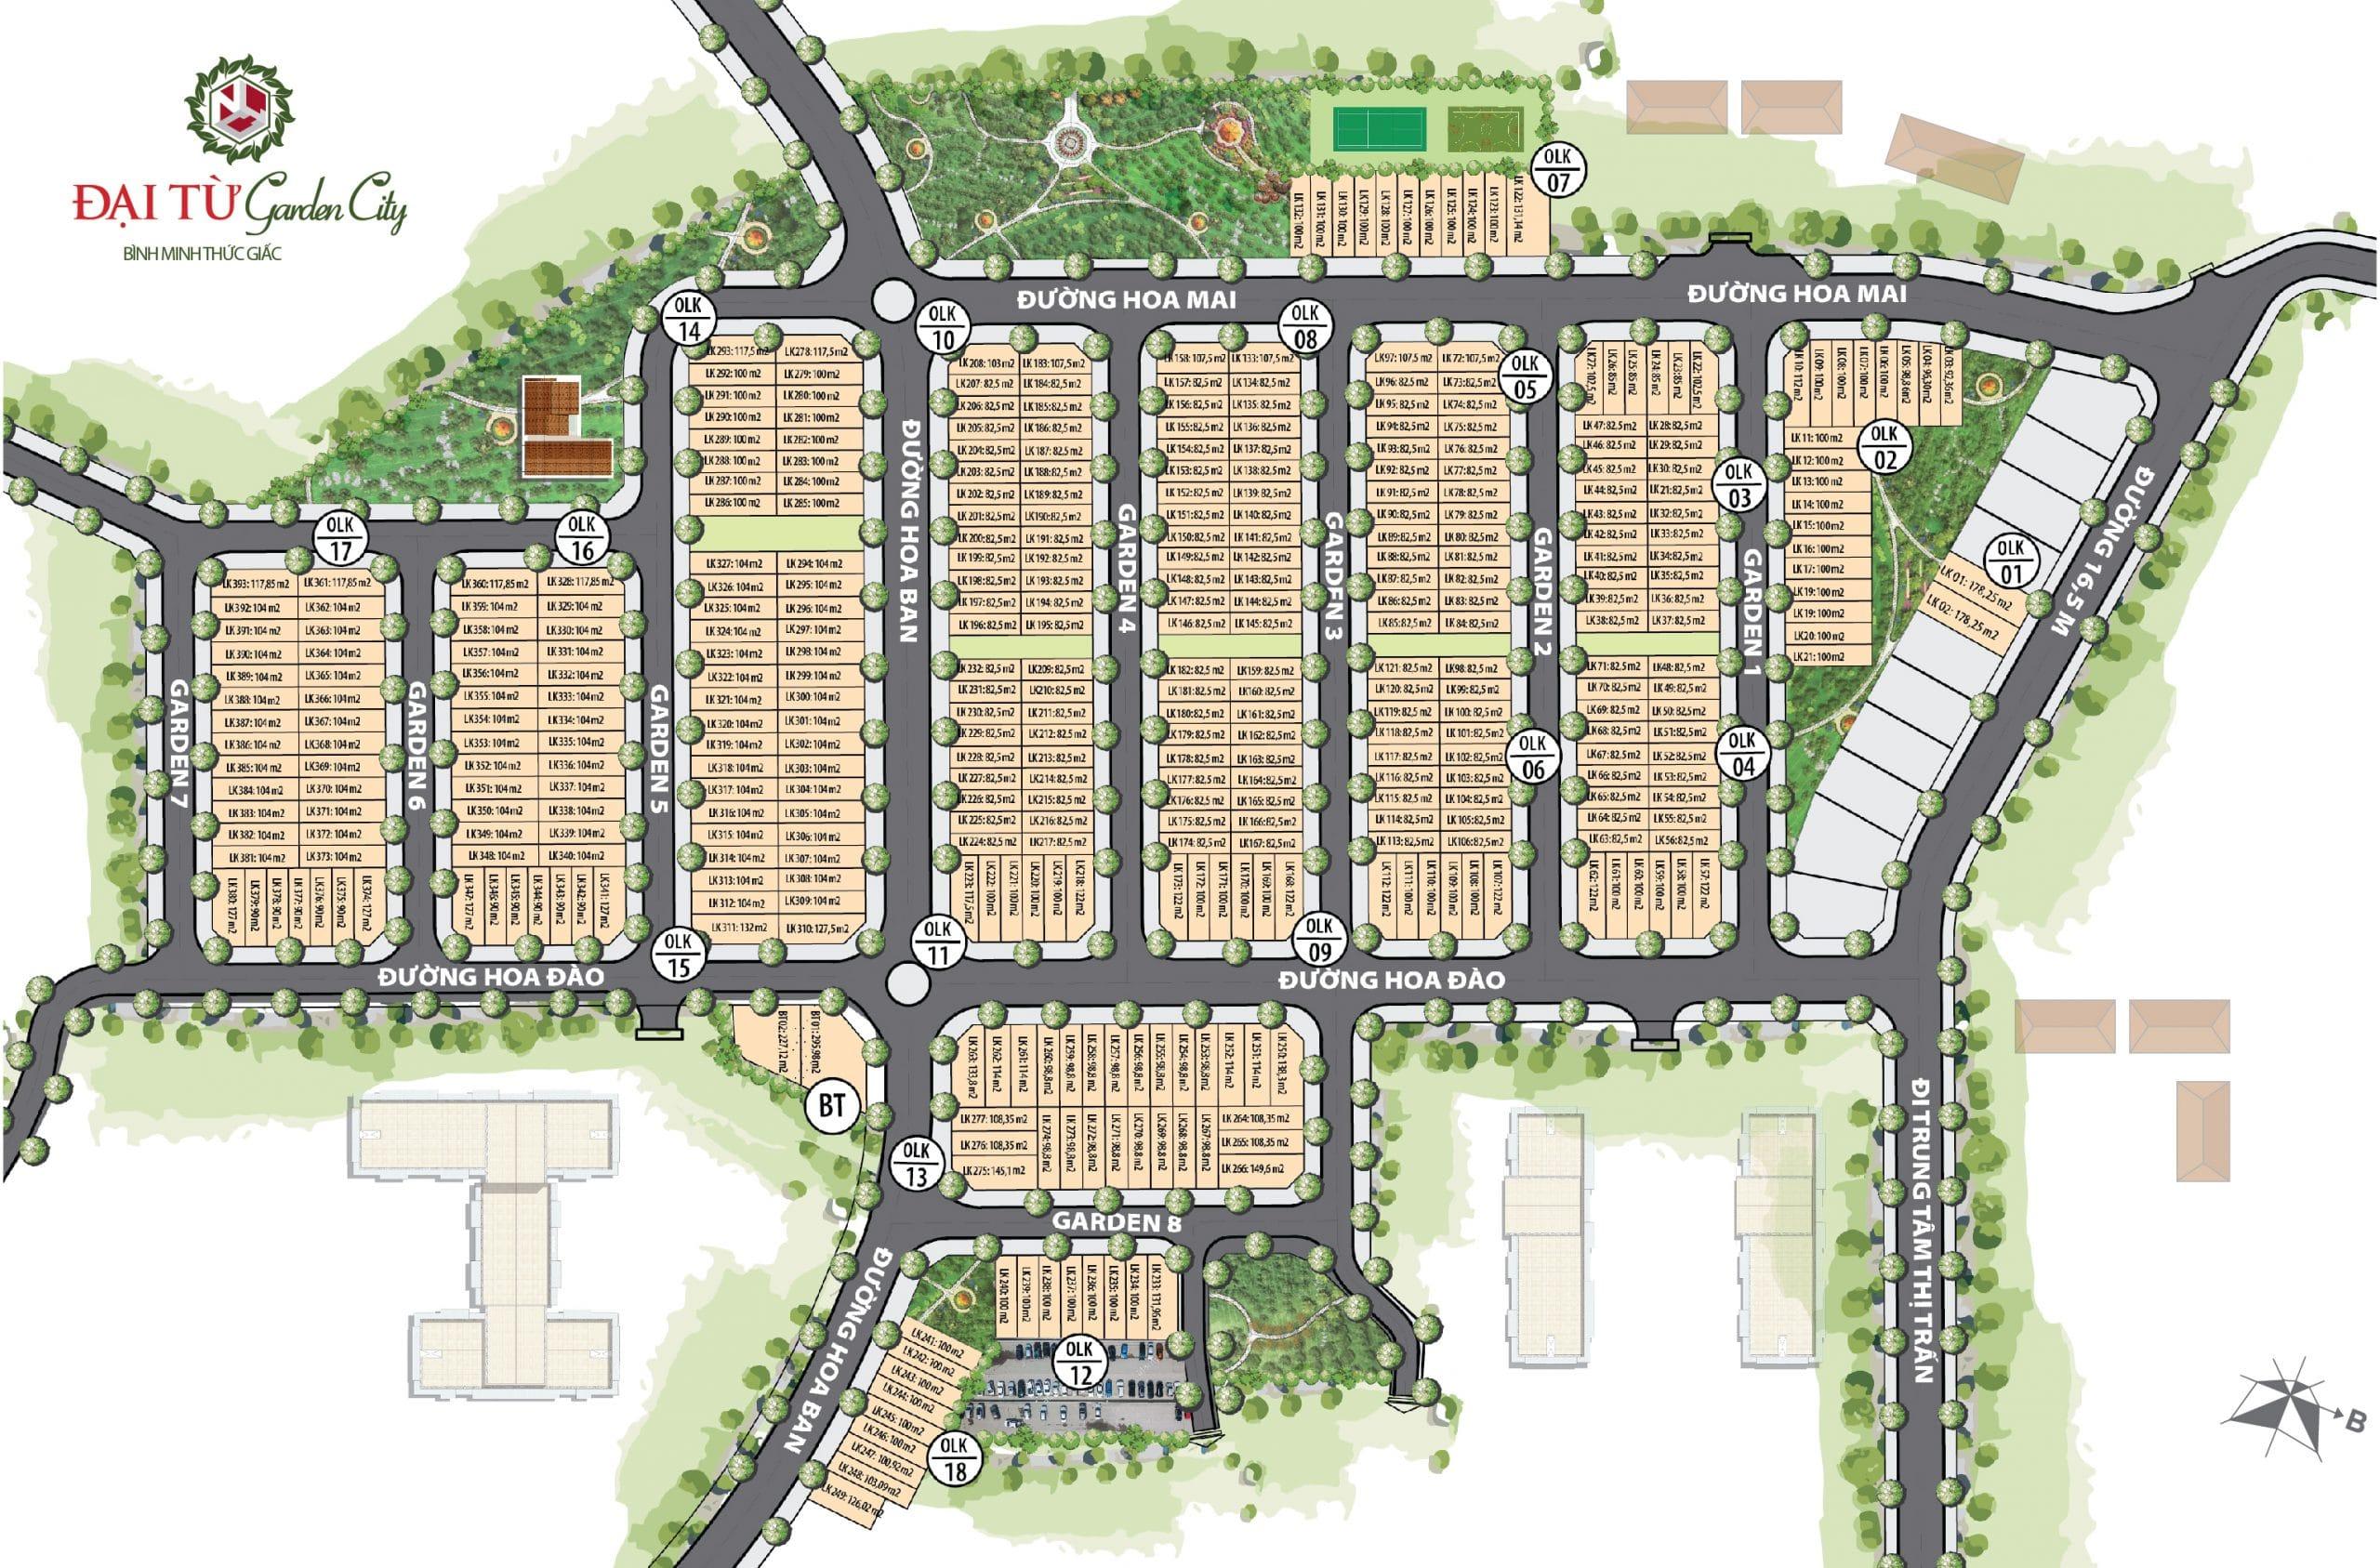 Mặt bằng phân lô dự án Đại Từ Garden City Thái Nguyên